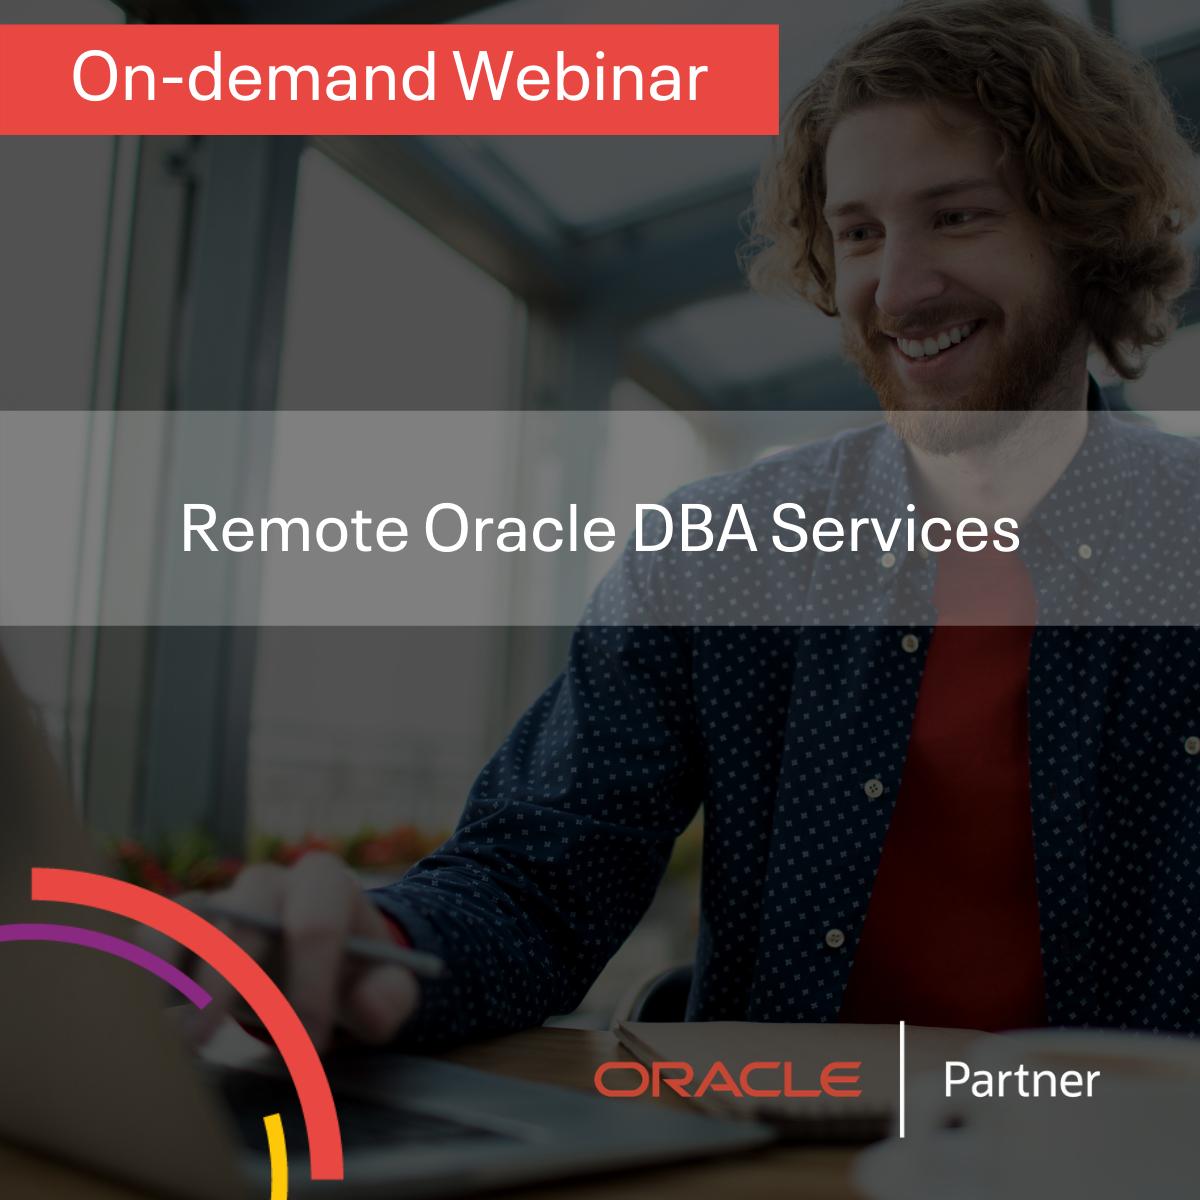 Remote Oracle DBA Services